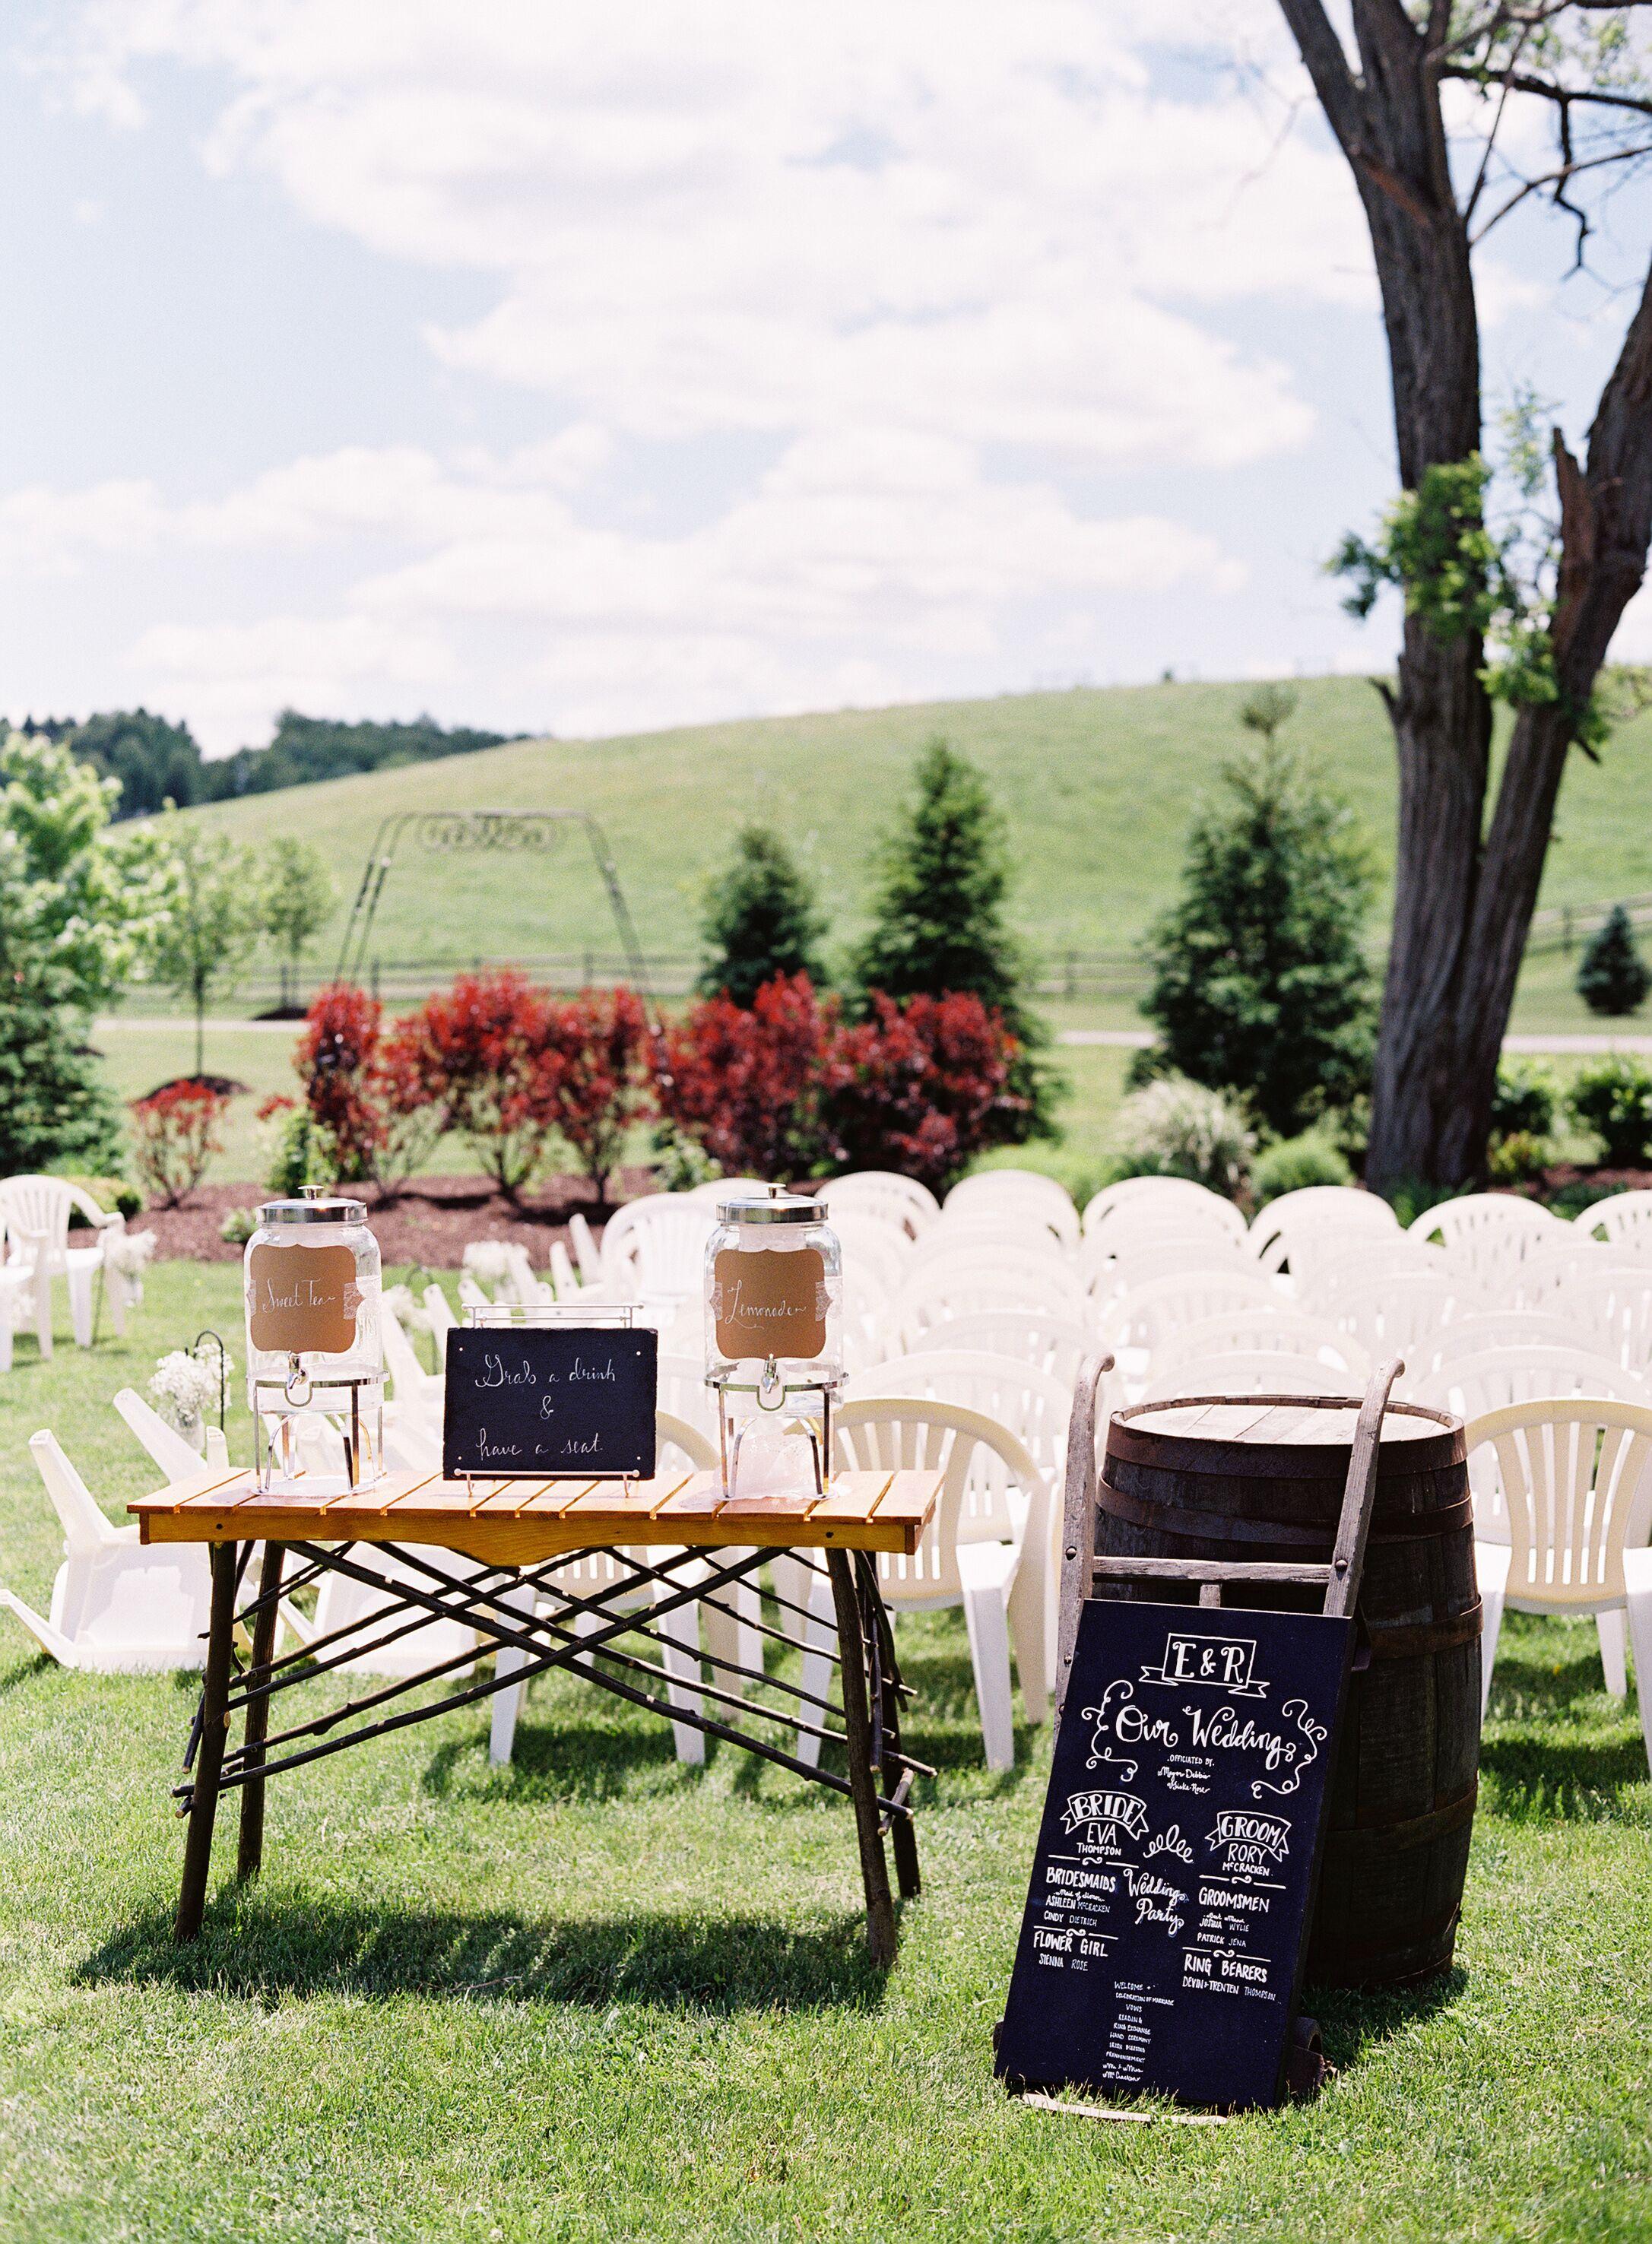 Cocktail Bar Set Up_Armstrong Farms Prop Shop.jpg